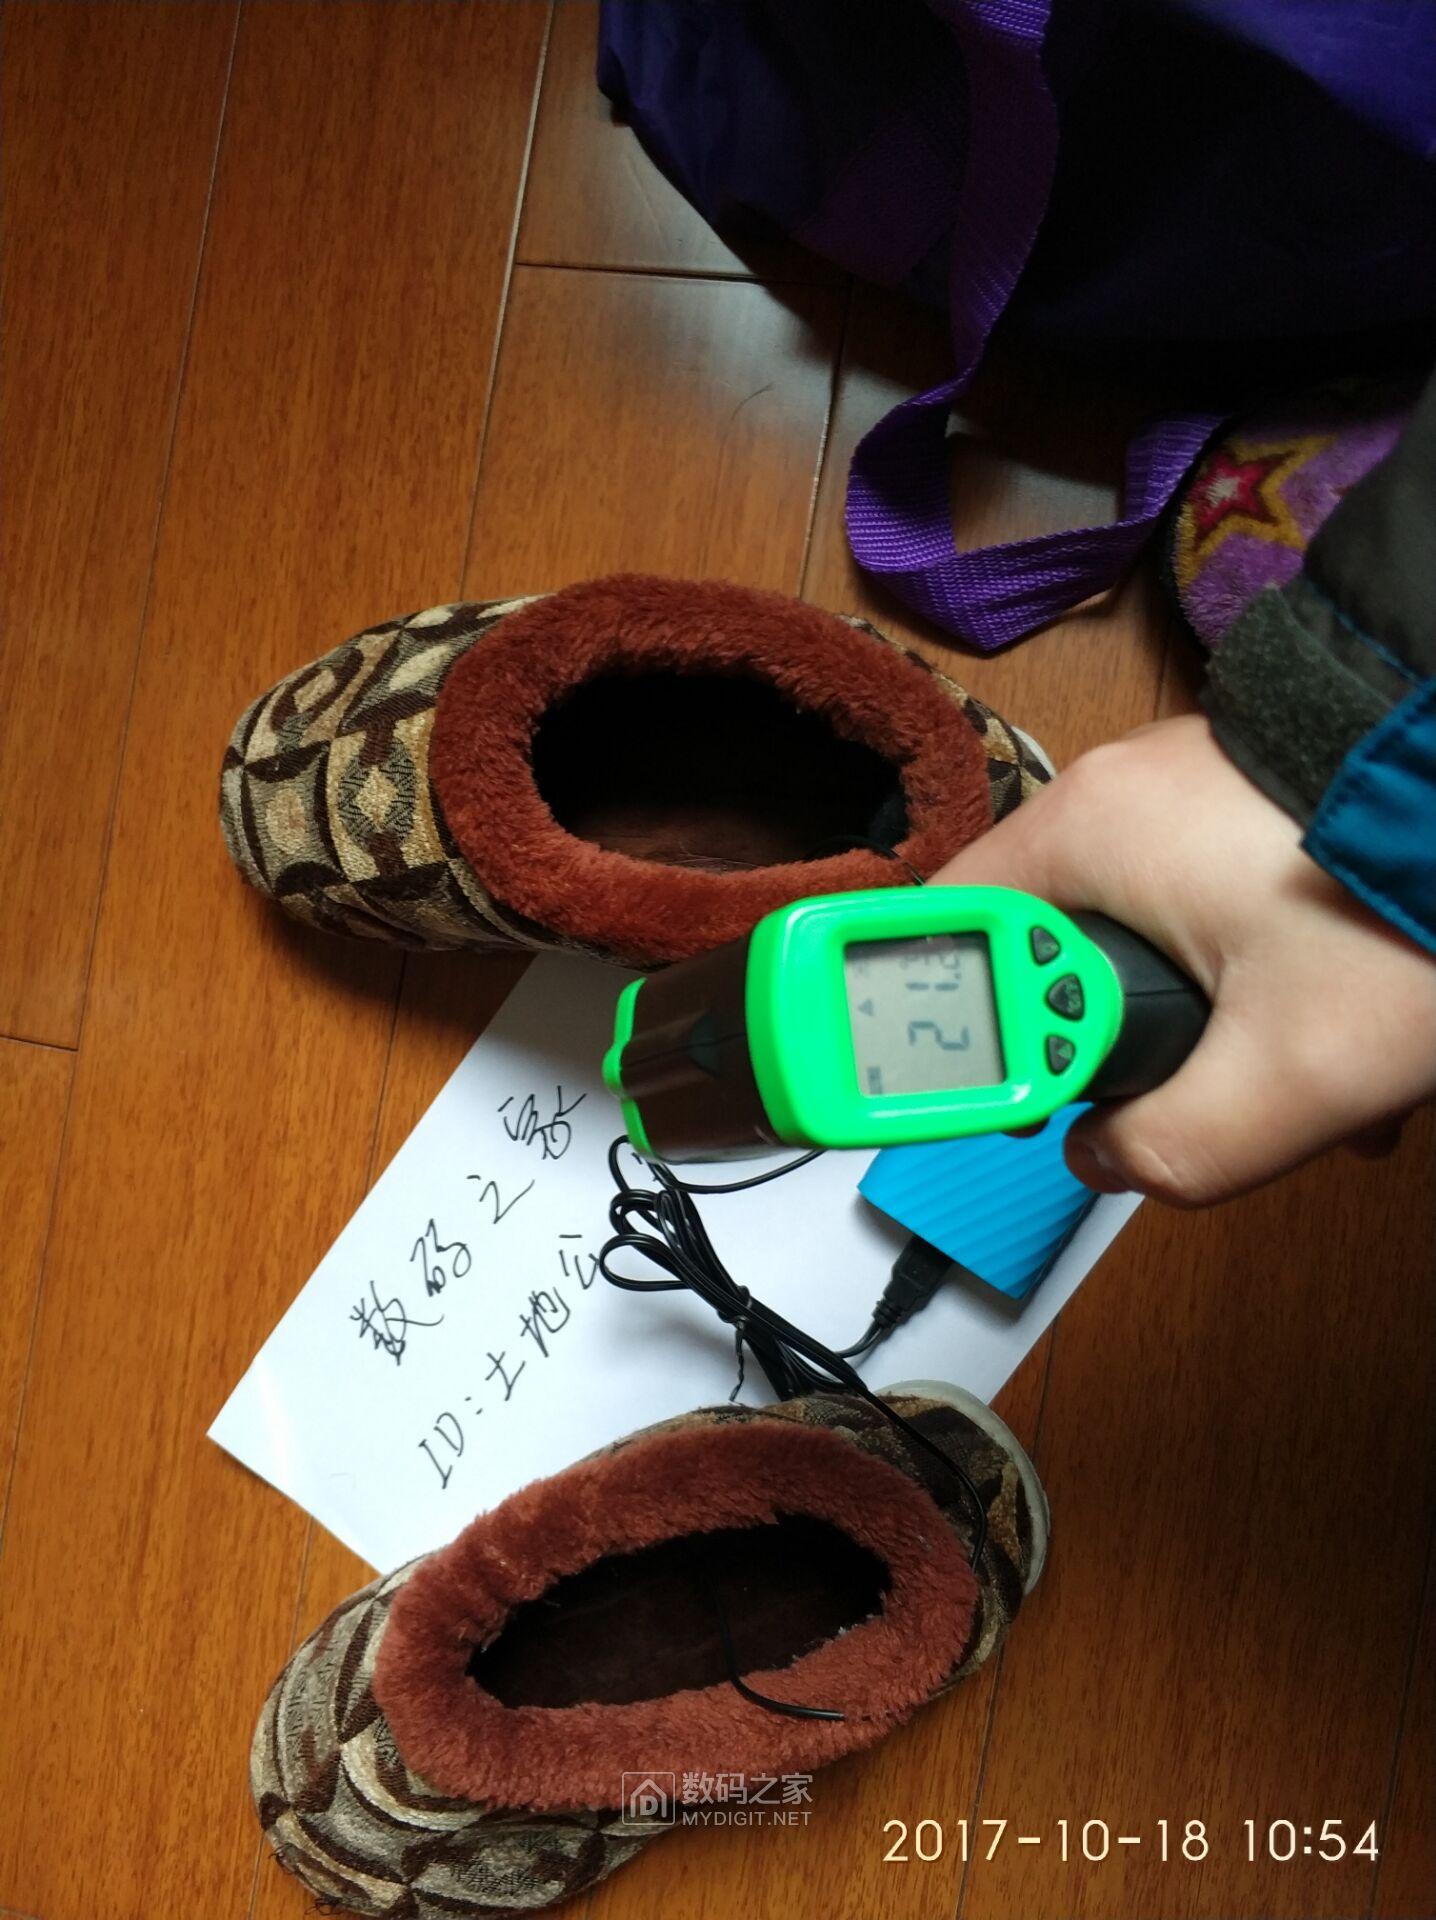 有实测,USB发热鞋垫9.